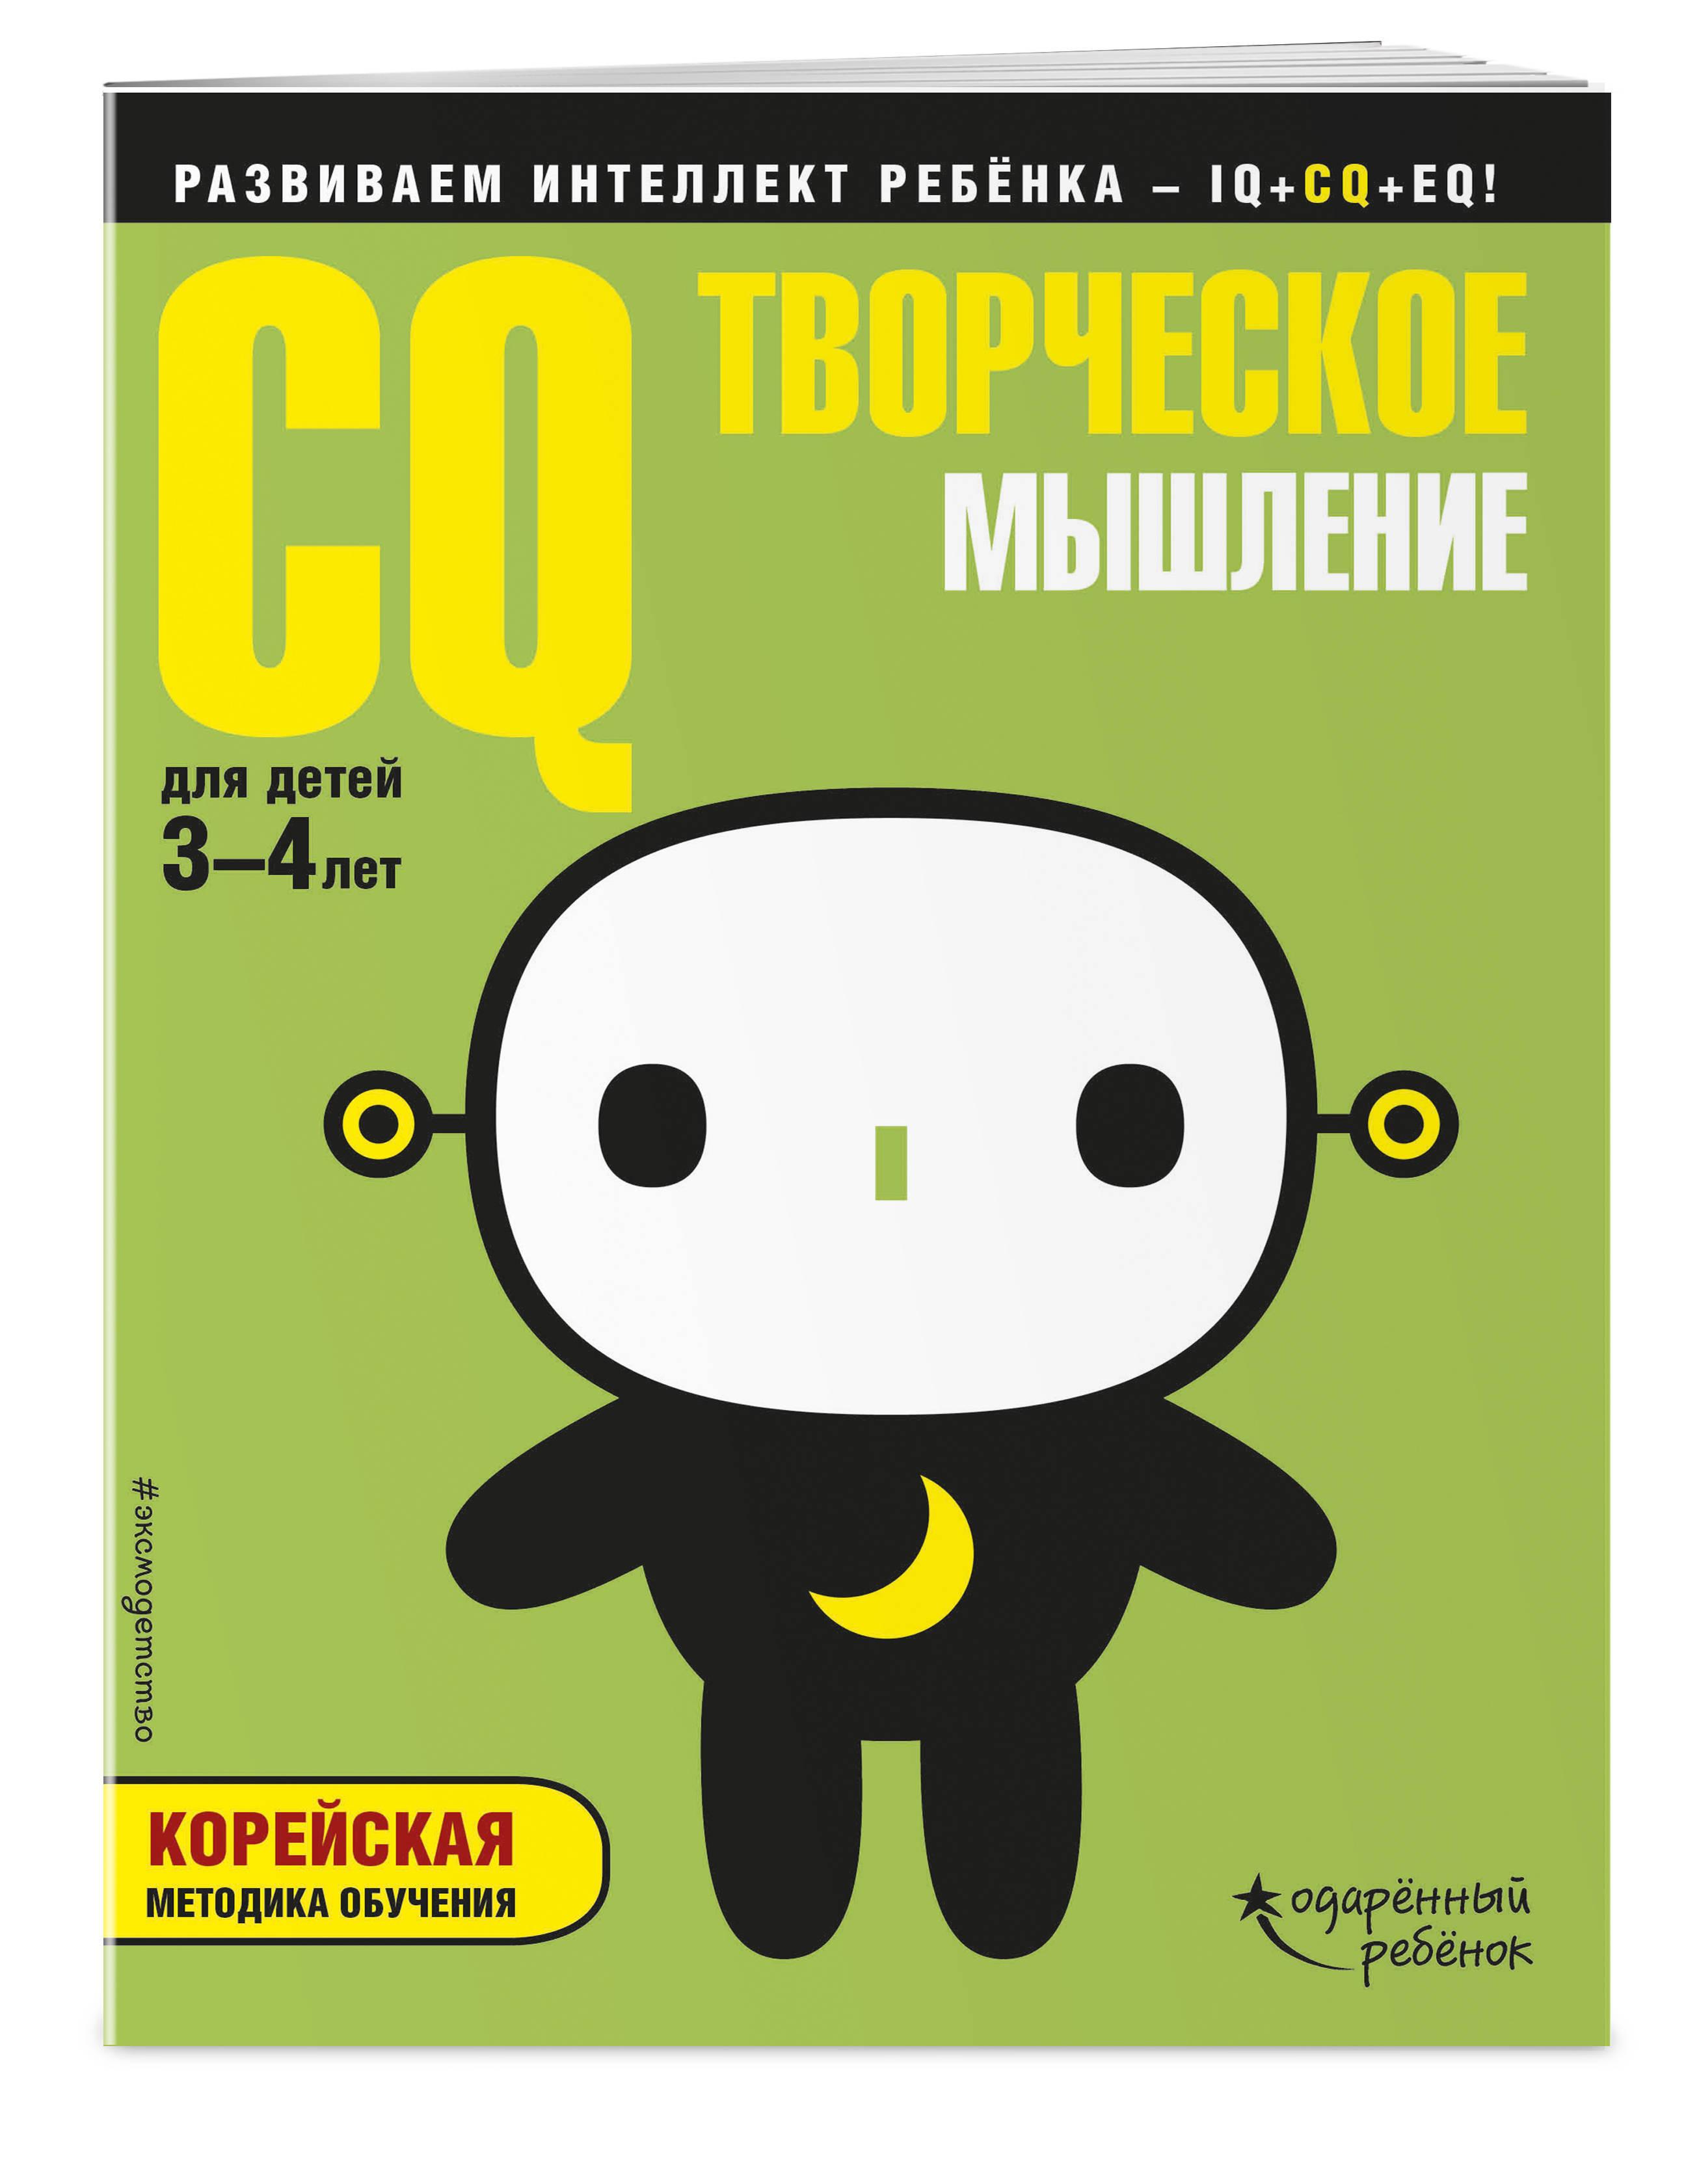 цена на CQ – творческое мышление: для детей 3-4 лет (с наклейками)